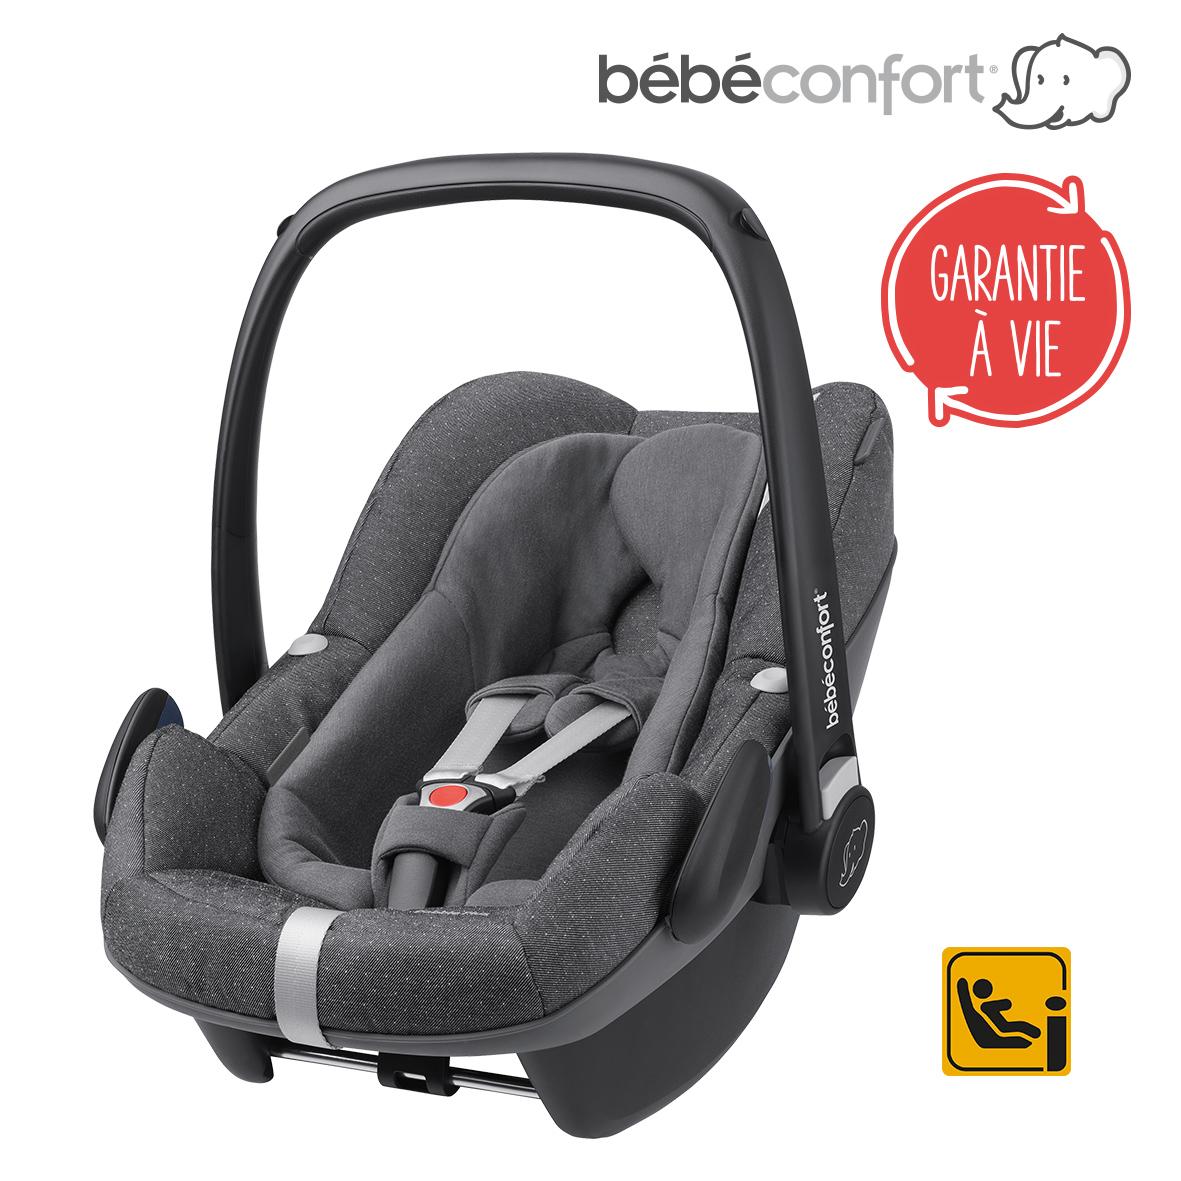 cosy bebe confort pebble